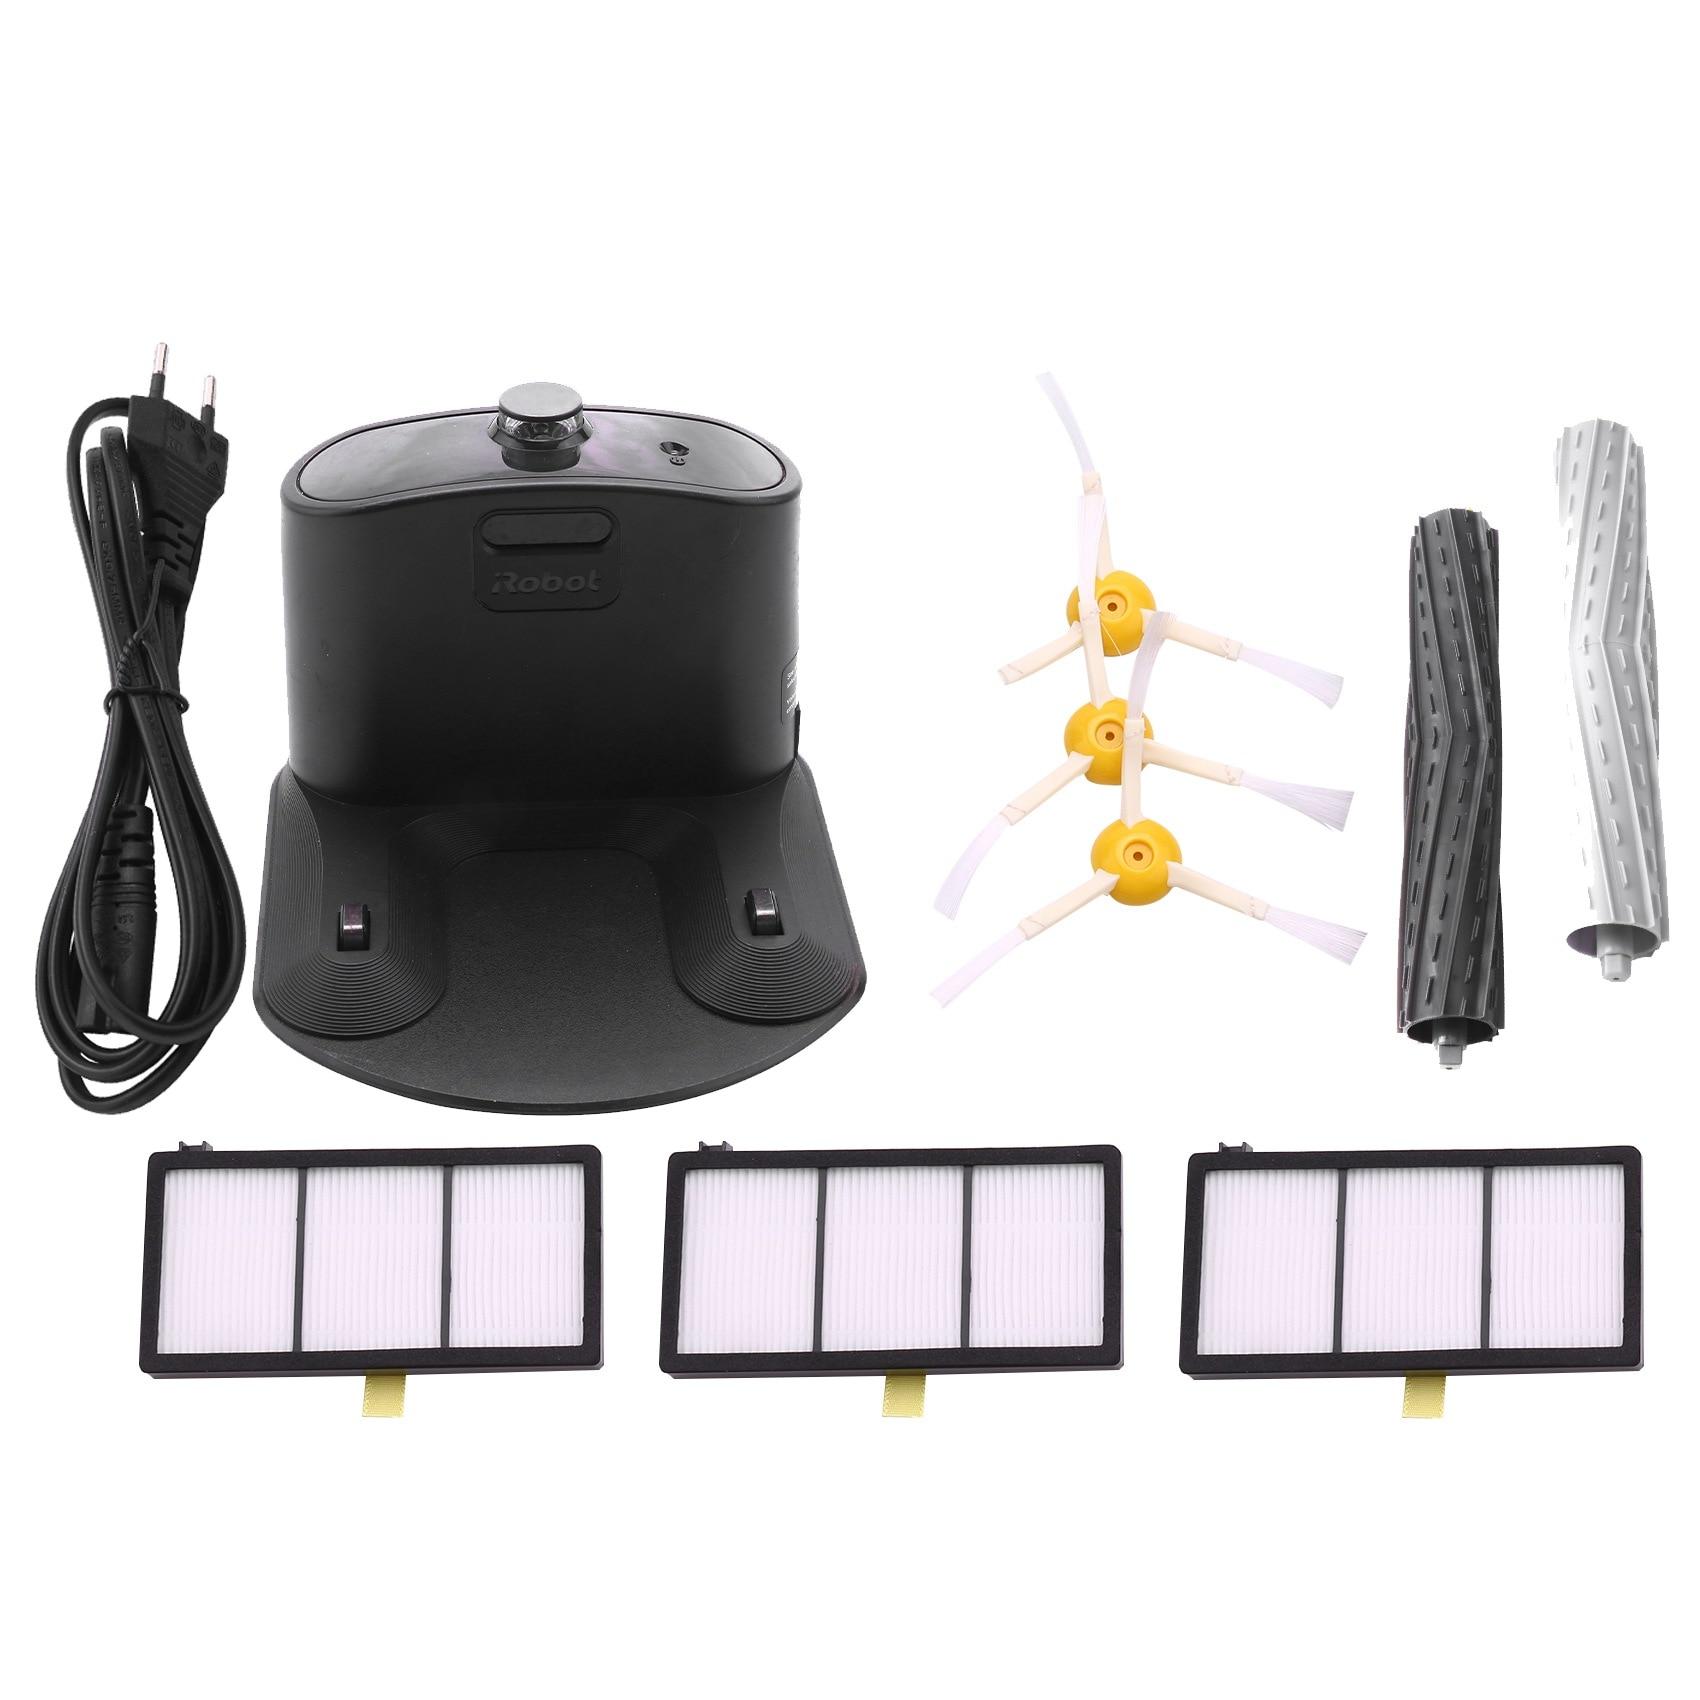 جهاز شحن قاعدة المنزل النازع 3 مرشحات 3 فرش جانبية ل IRobot Roomba 800 و 900 سلسلة 860 870 880 890 960 980 فراغ